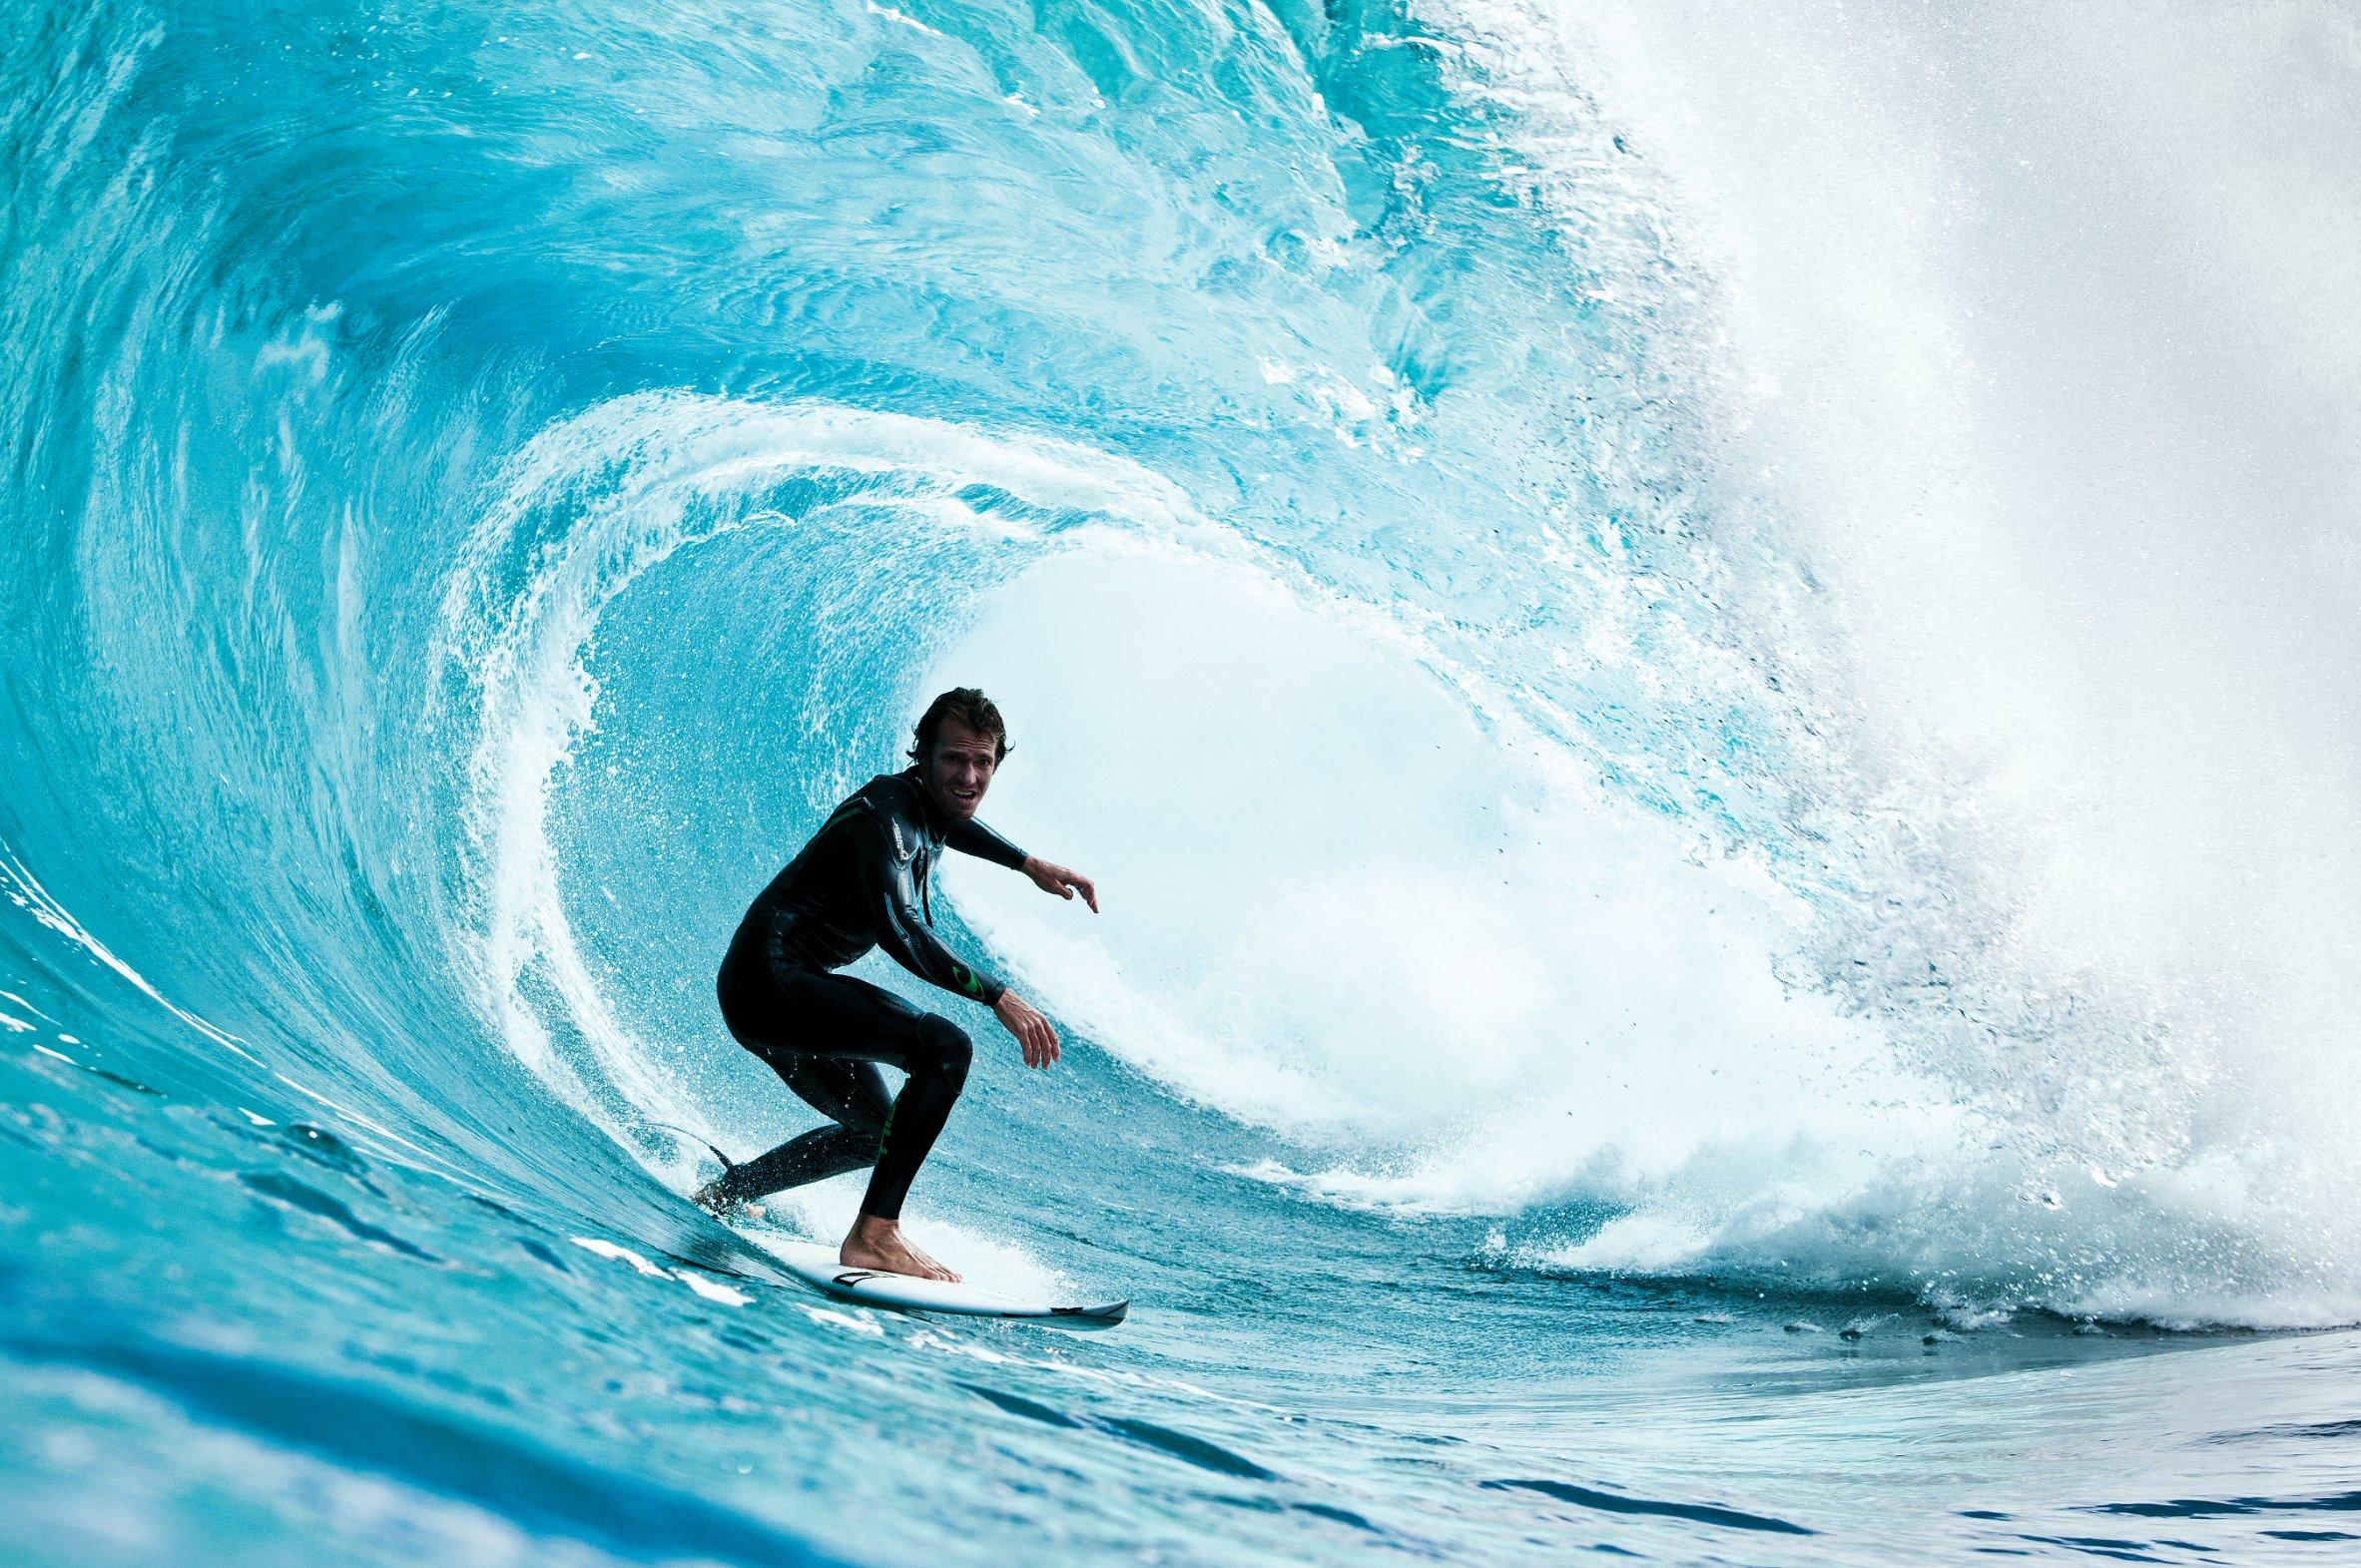 Surfing photos Nude Photos 73